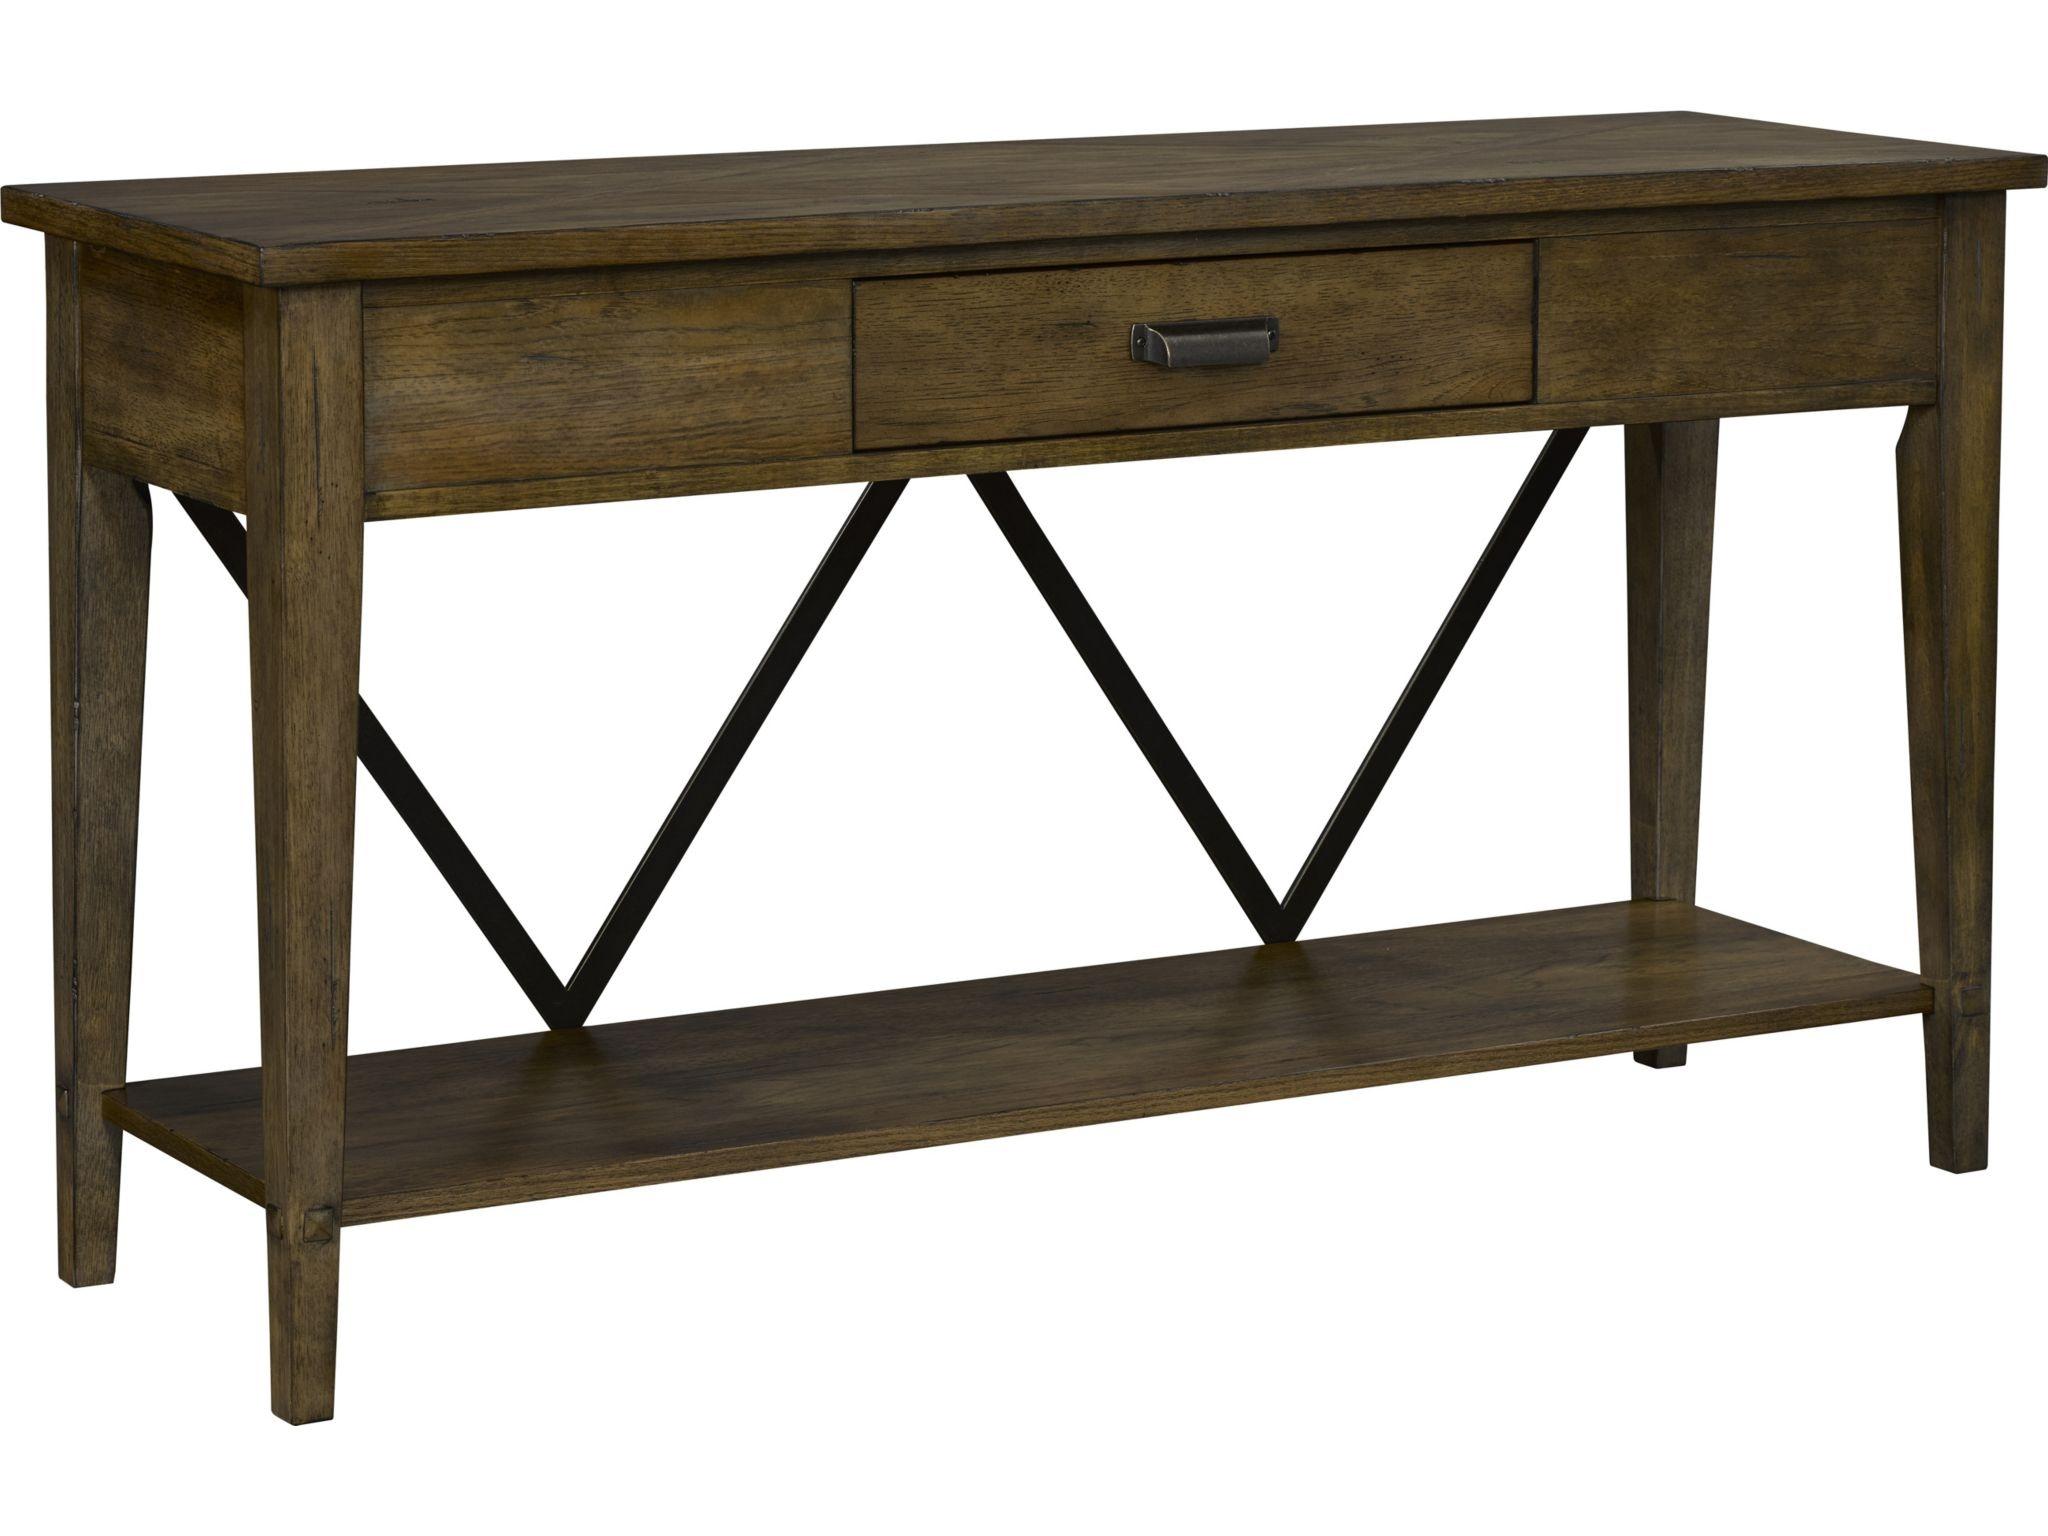 Broyhill Creedmoor™ Sofa/Cocktail Table 3113 009